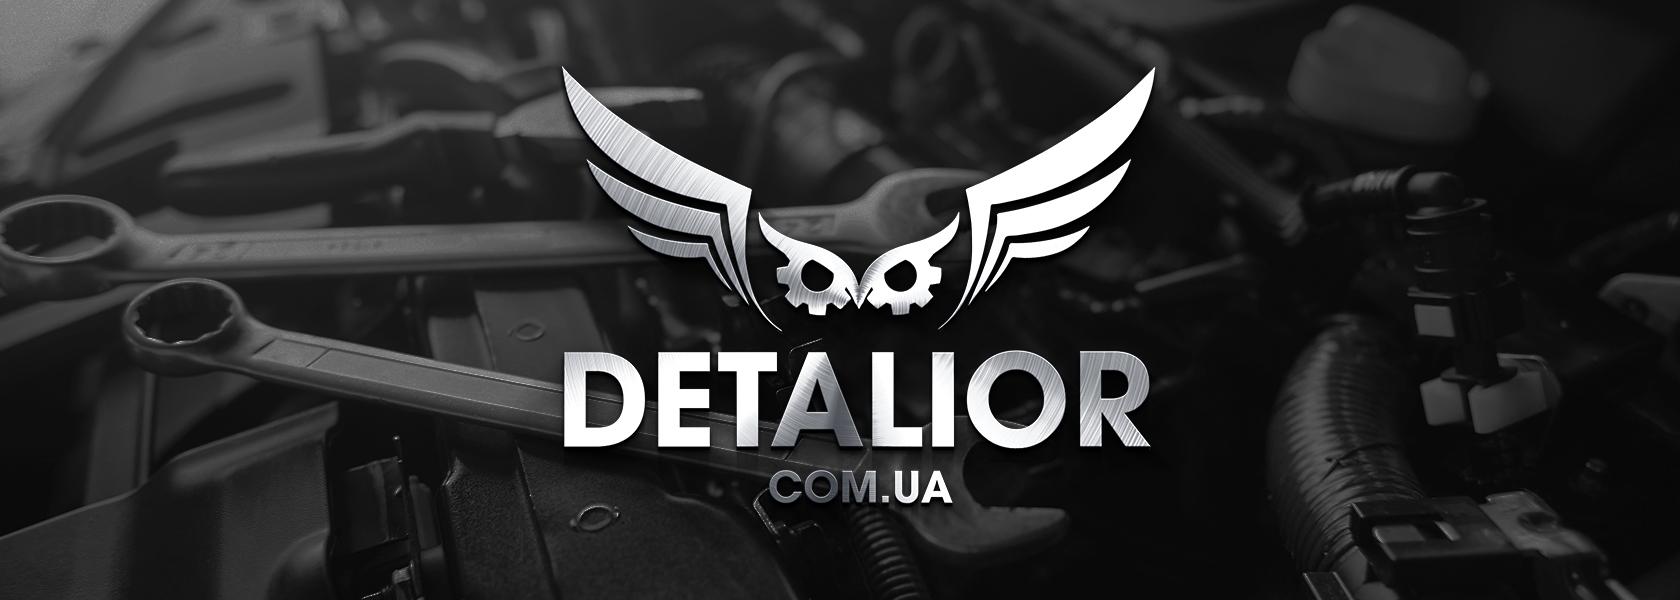 DetaliOr брендинг в Украине